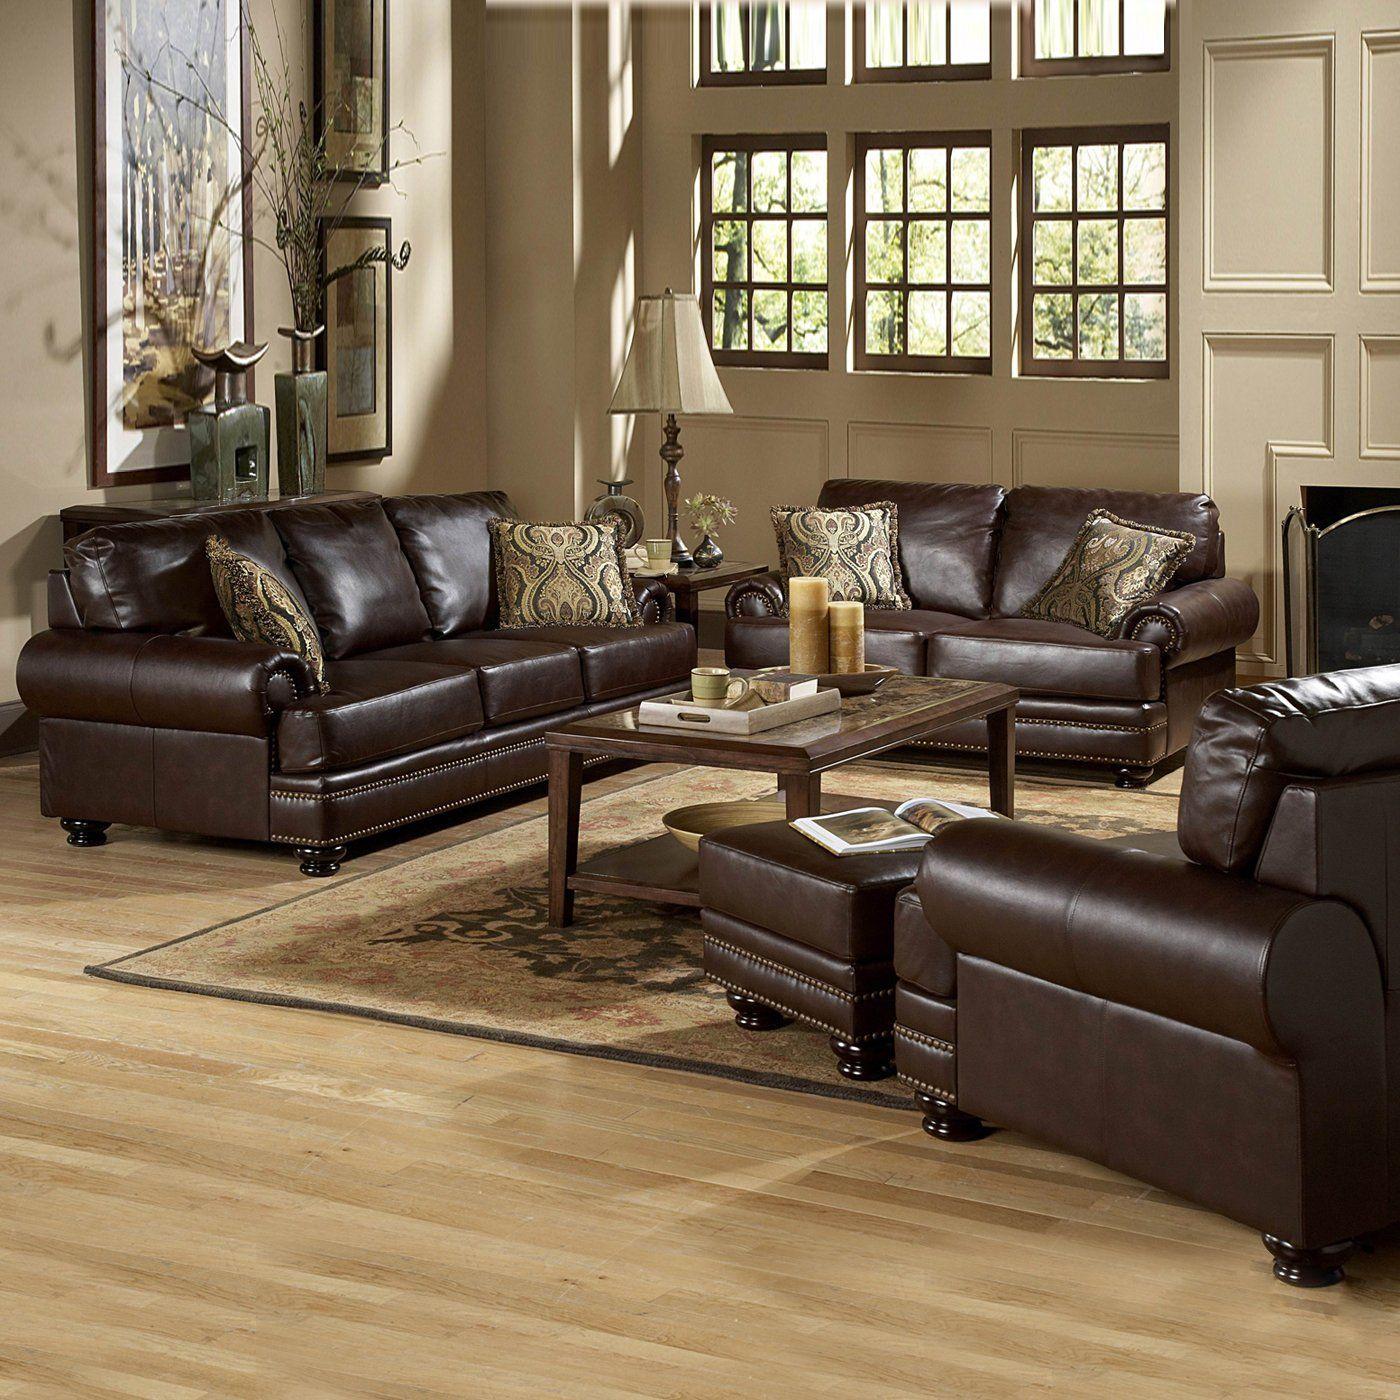 3525homelegance 9854 3276 bentleys belvedere living - Hilton furniture living room sets ...